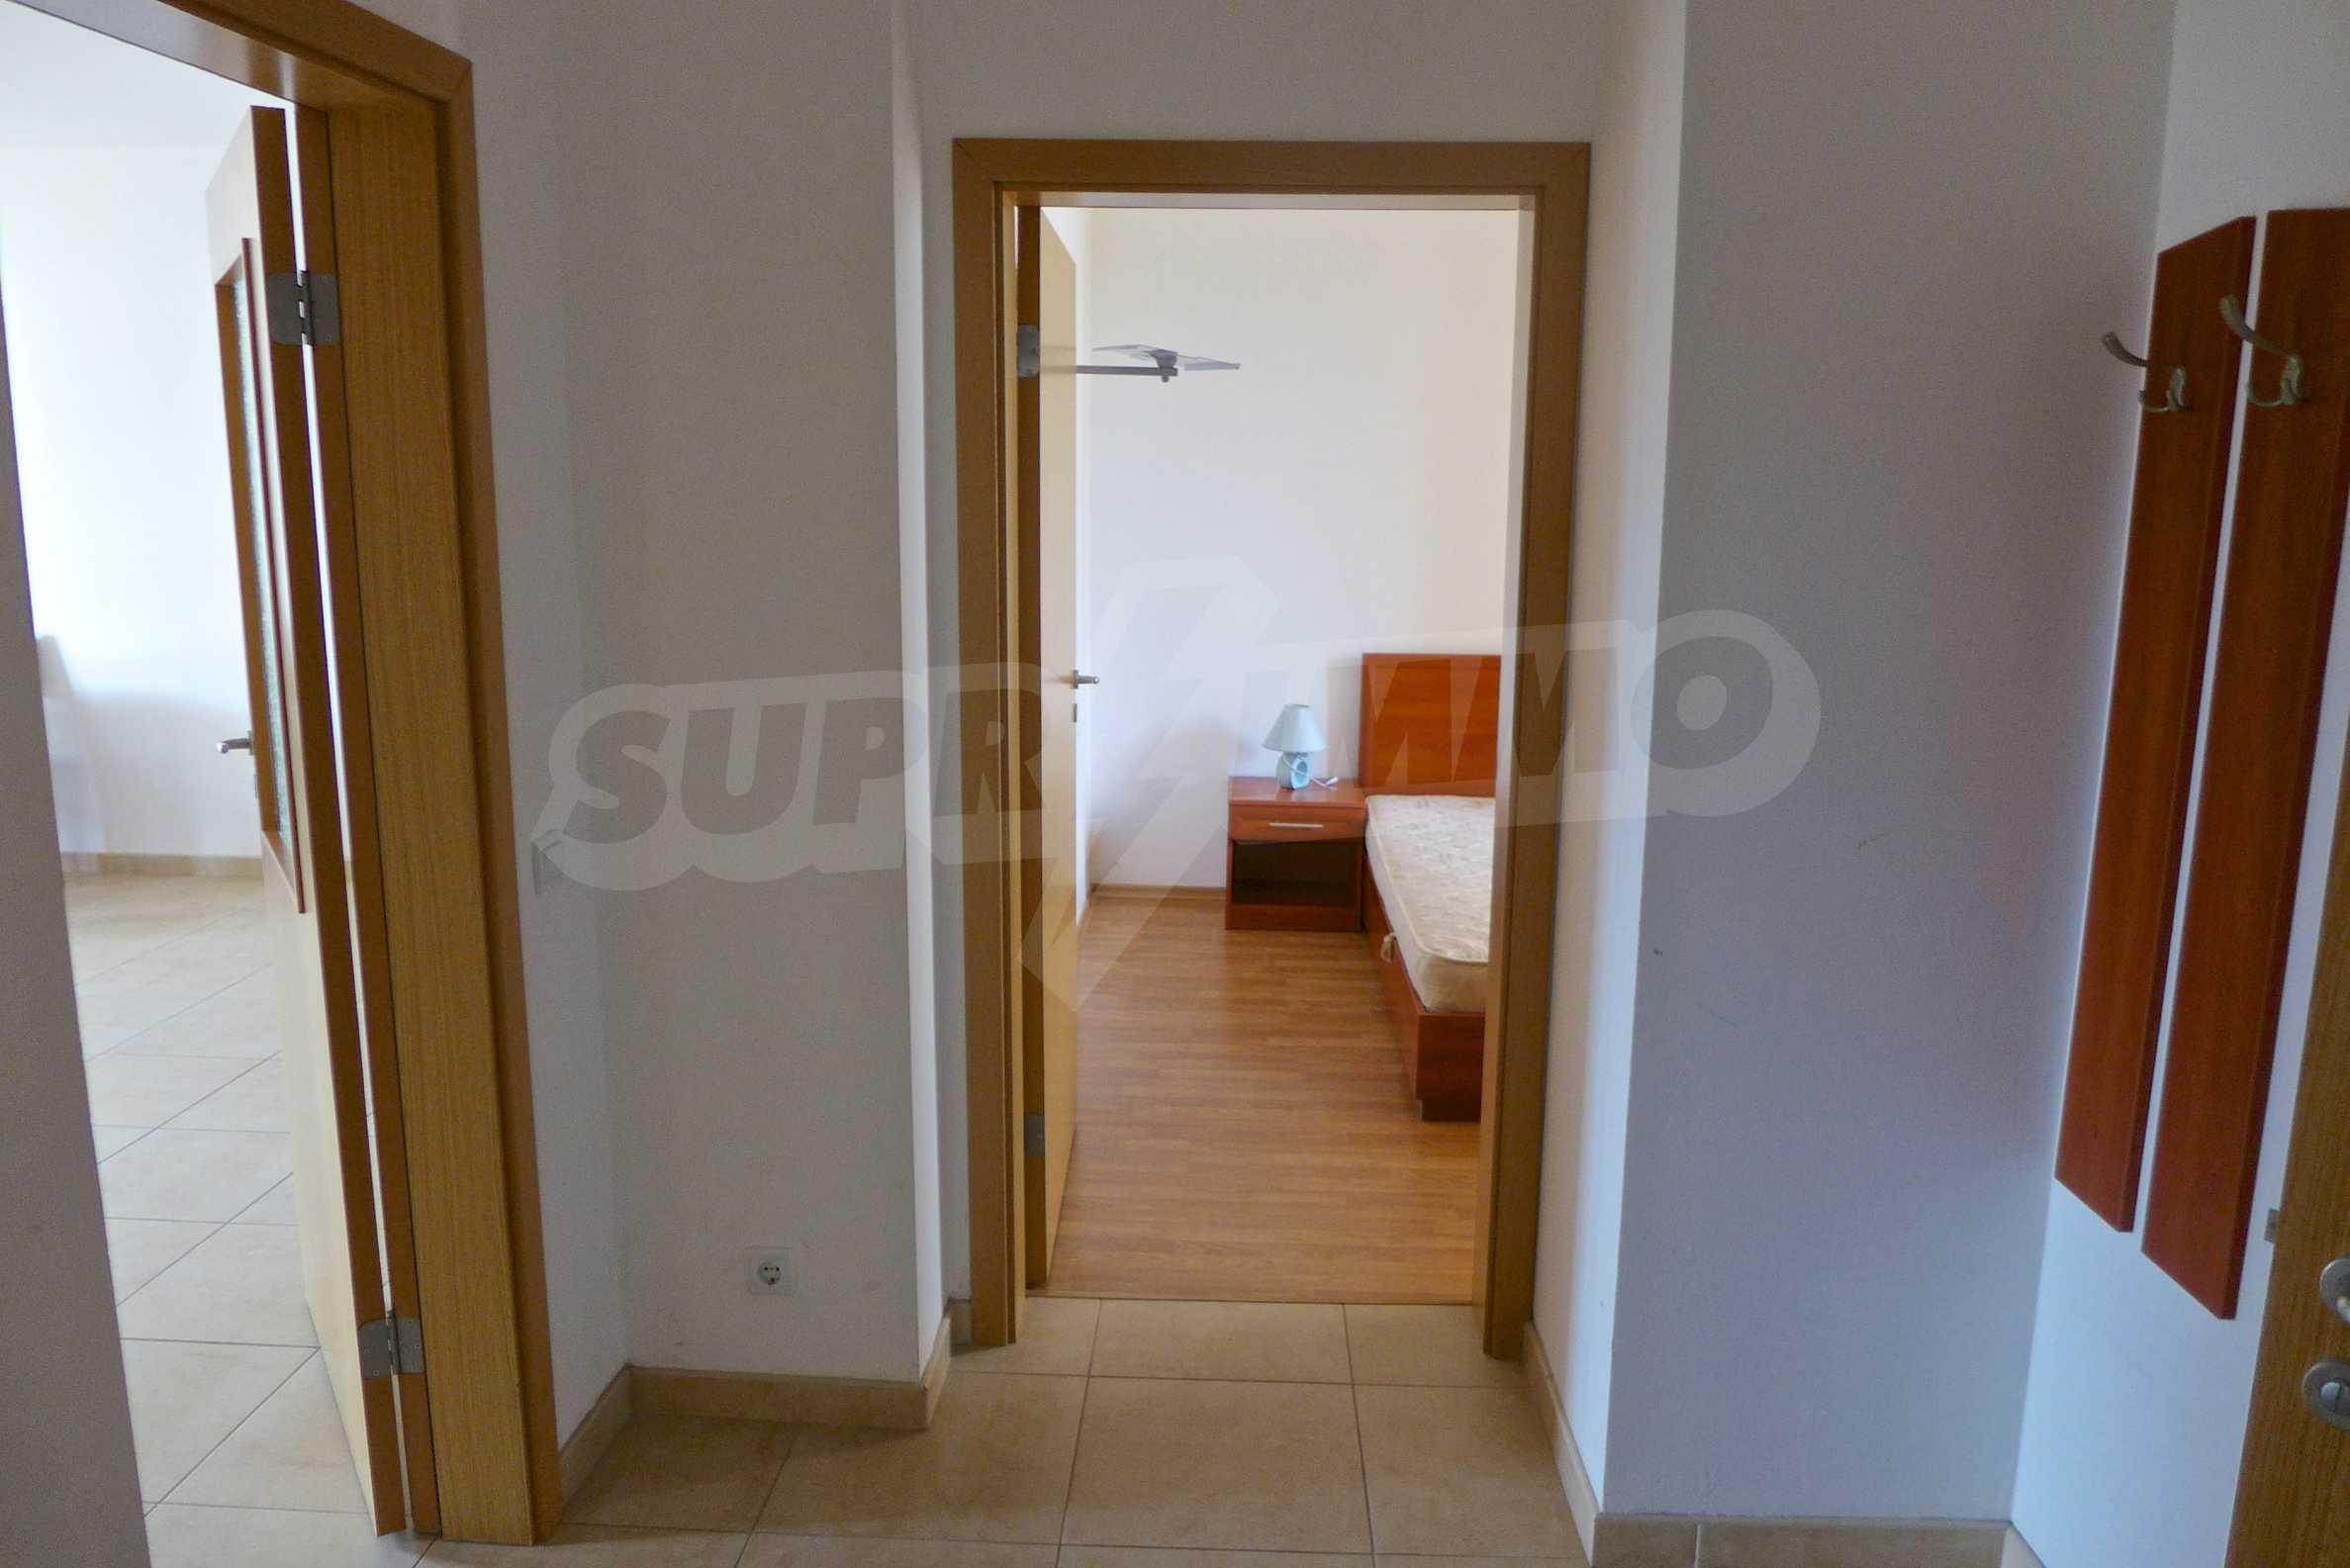 Geräumige Wohnung mit zwei Schlafzimmern in Ashton Hall 6